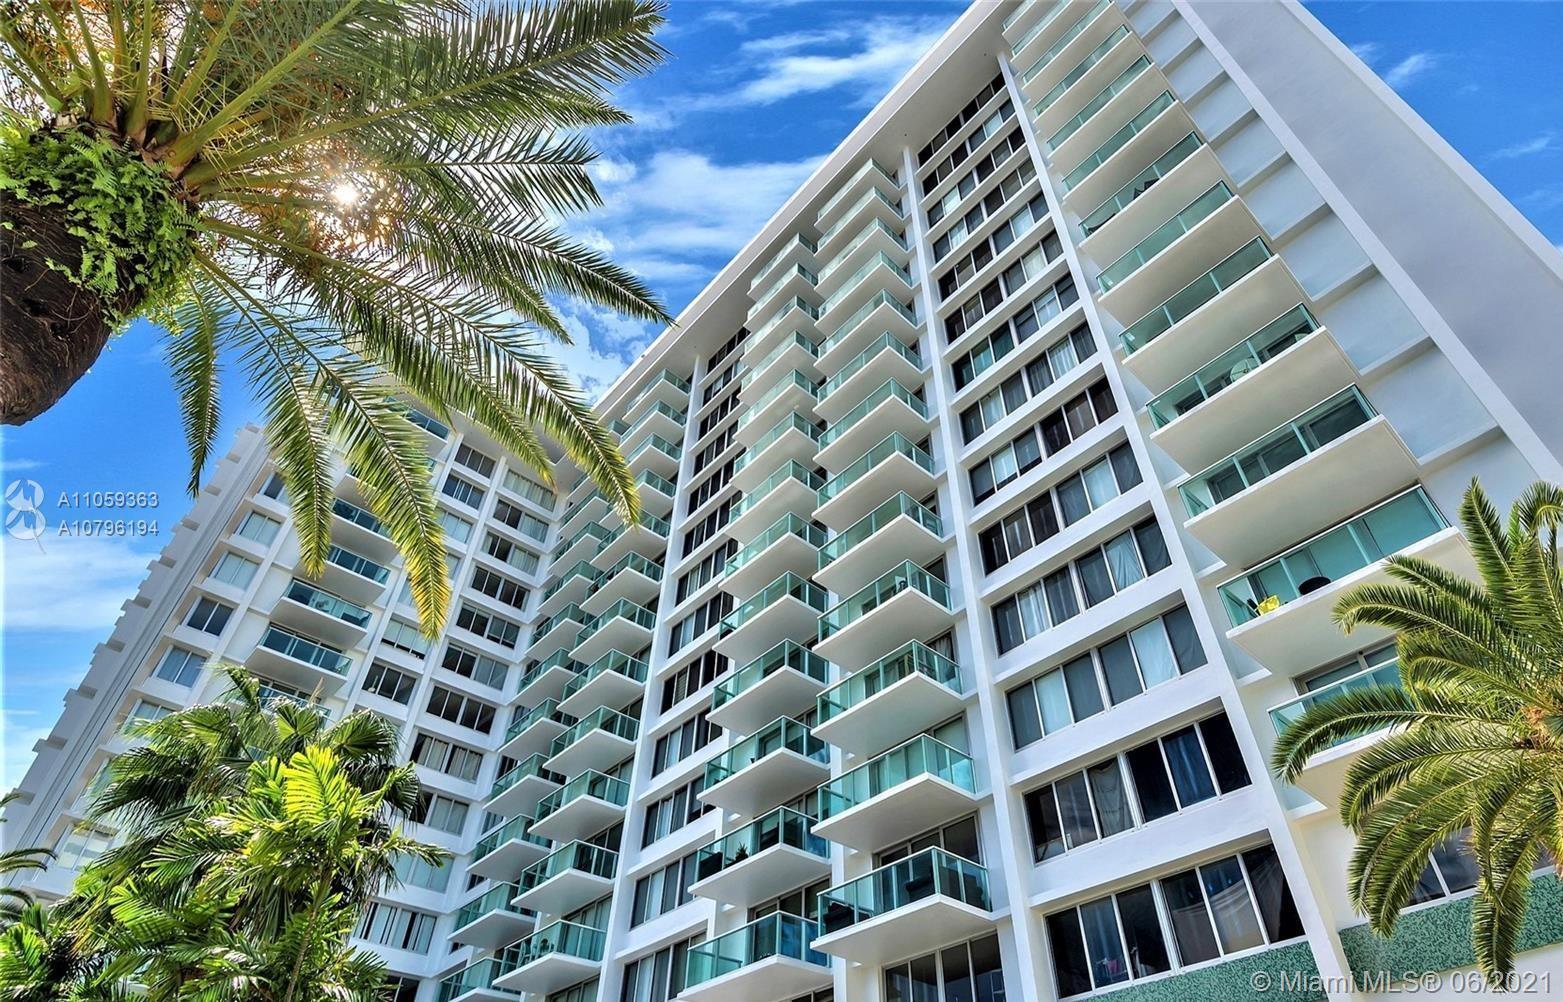 Mirador South #301 - 1000 WEST AV #301, Miami Beach, FL 33139